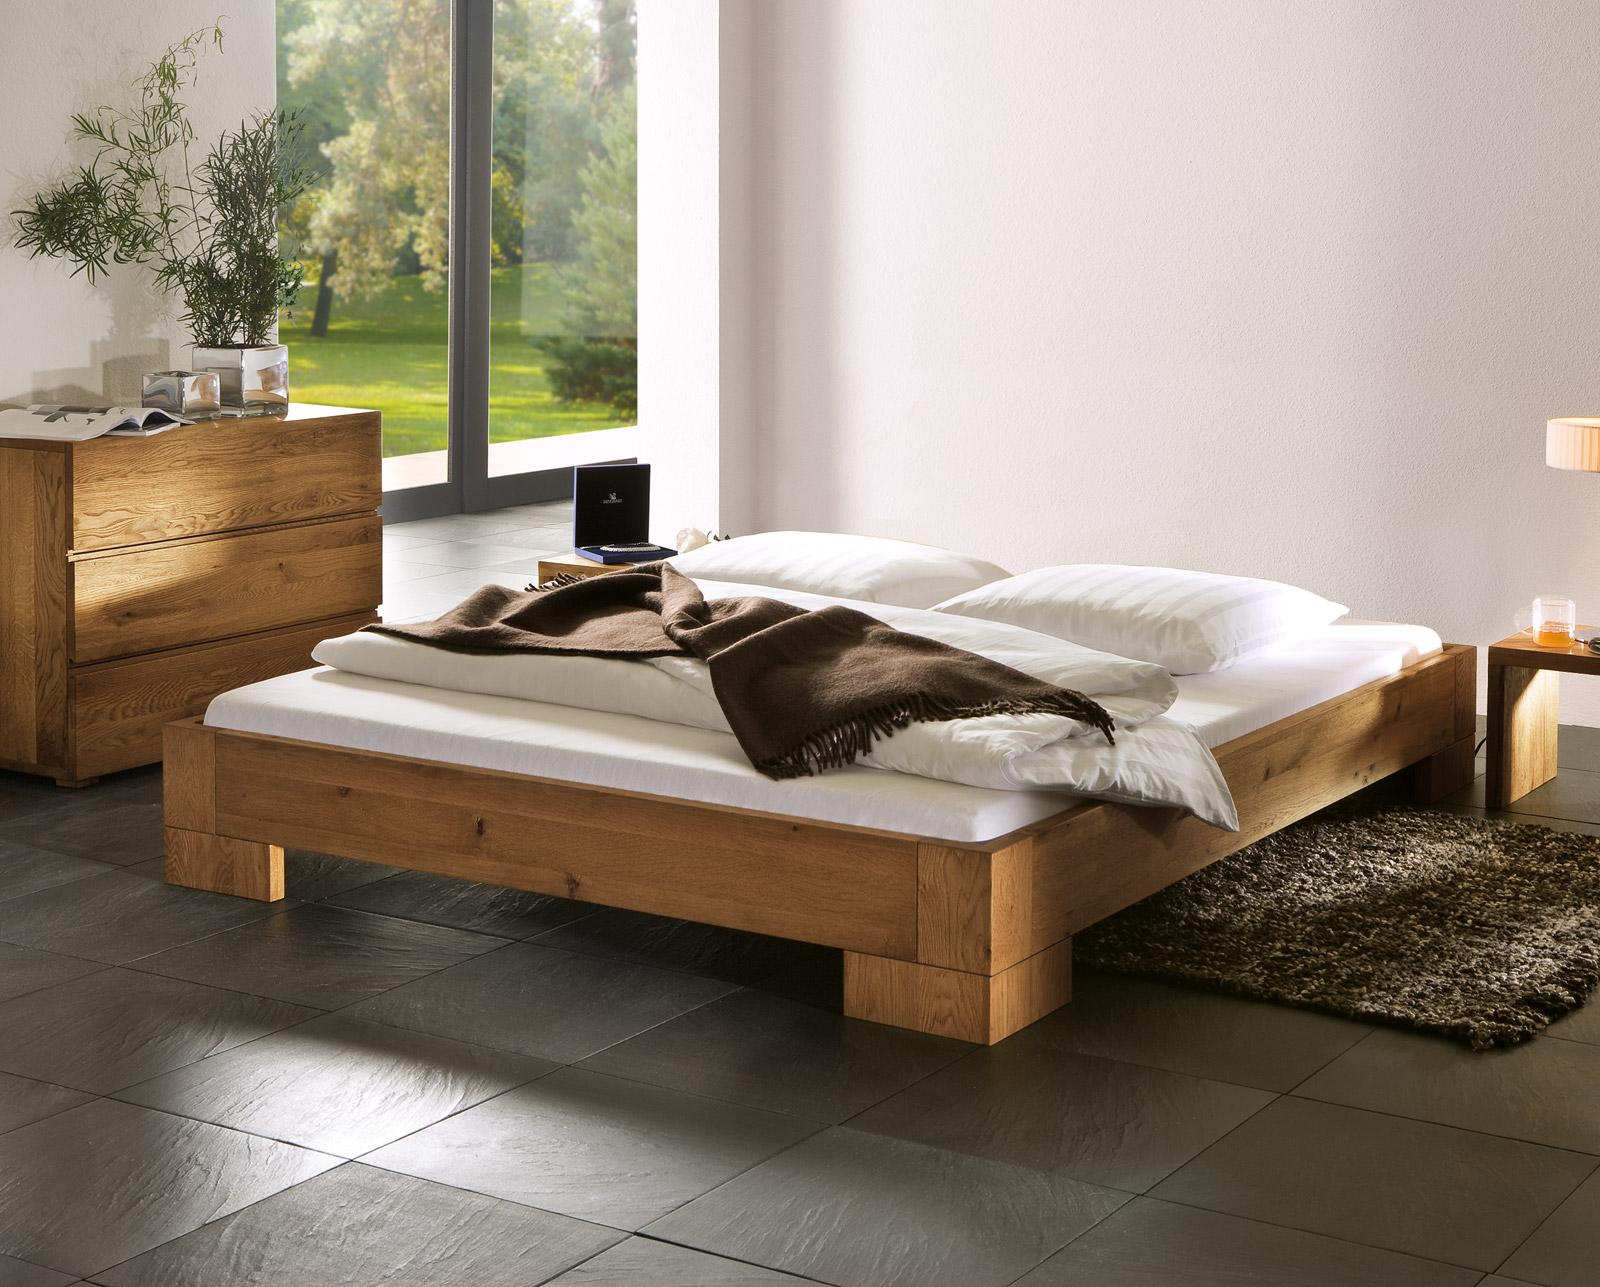 futonbett 90x200 free futonbett buche weiss mit. Black Bedroom Furniture Sets. Home Design Ideas